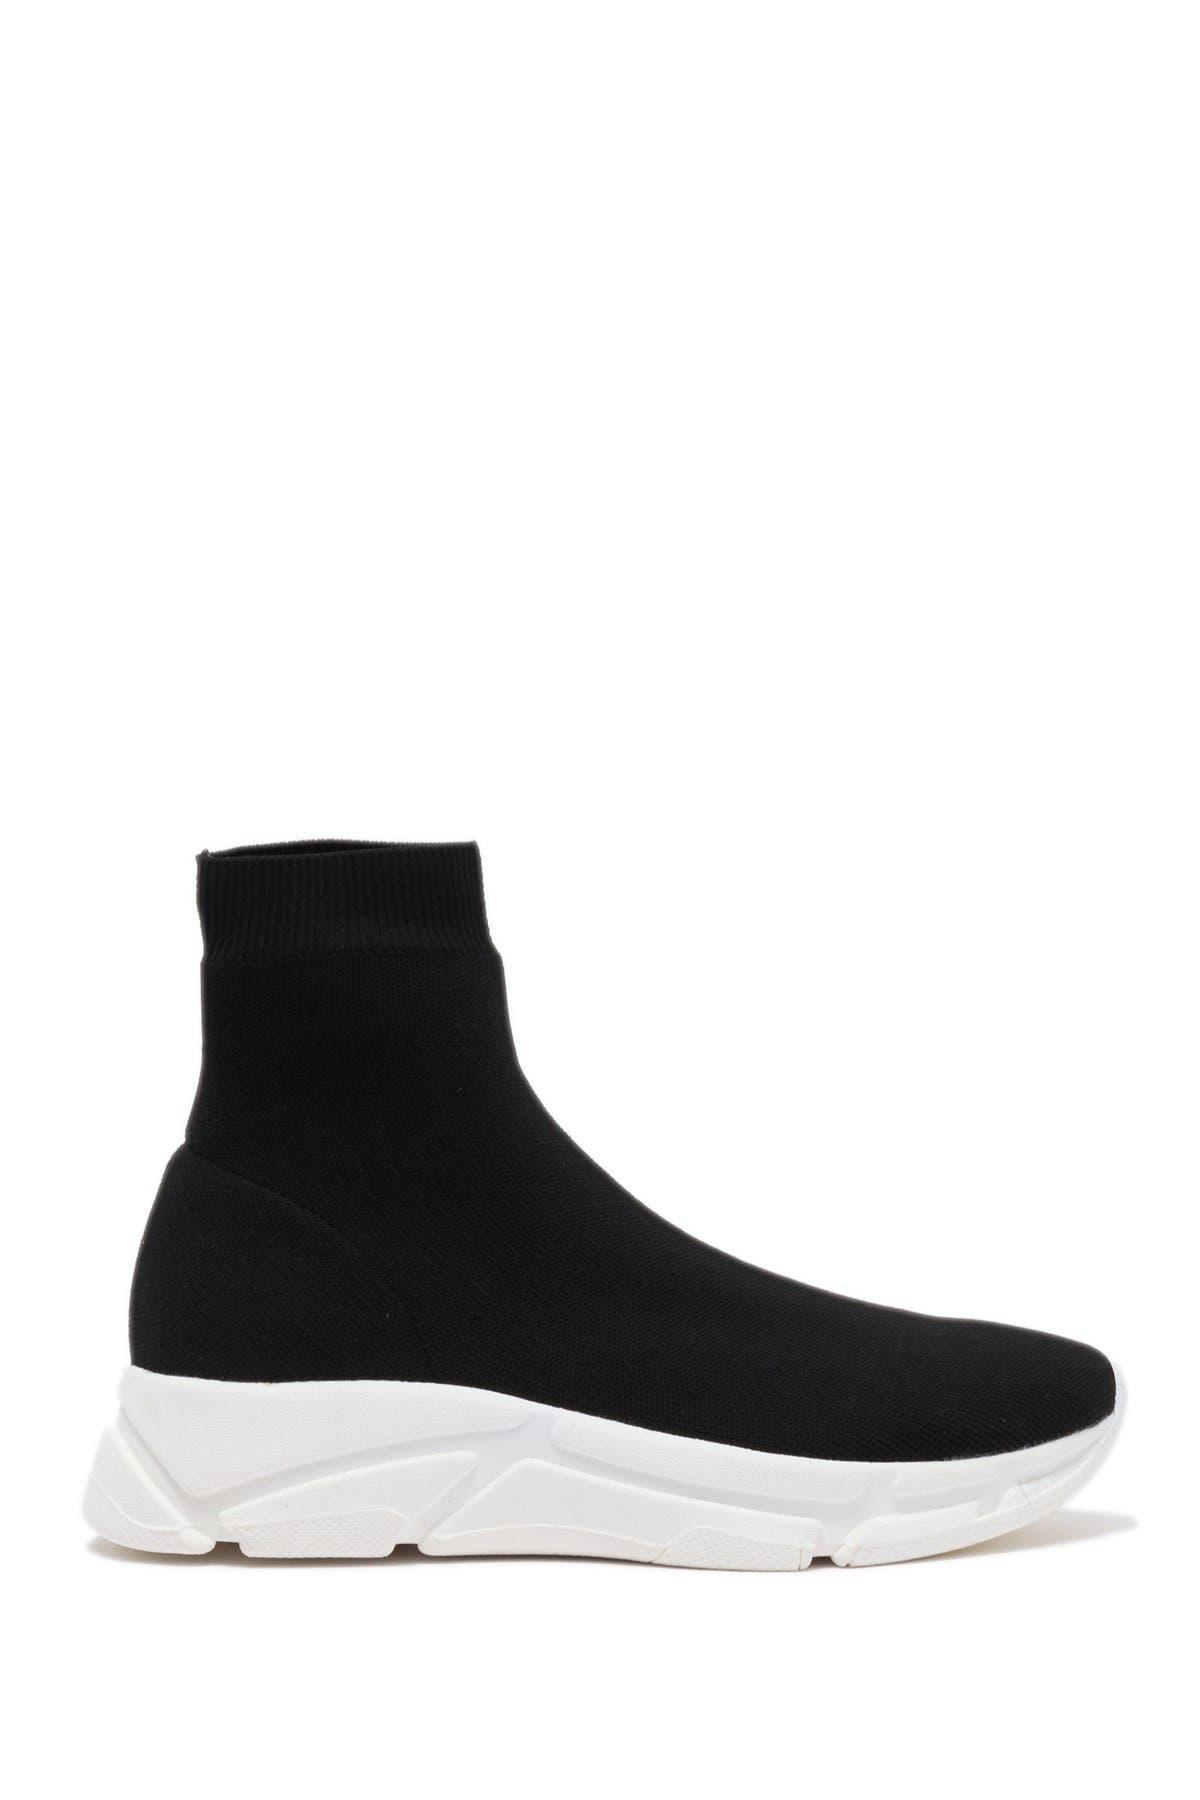 Steve Madden | Bitten Sock Sneaker